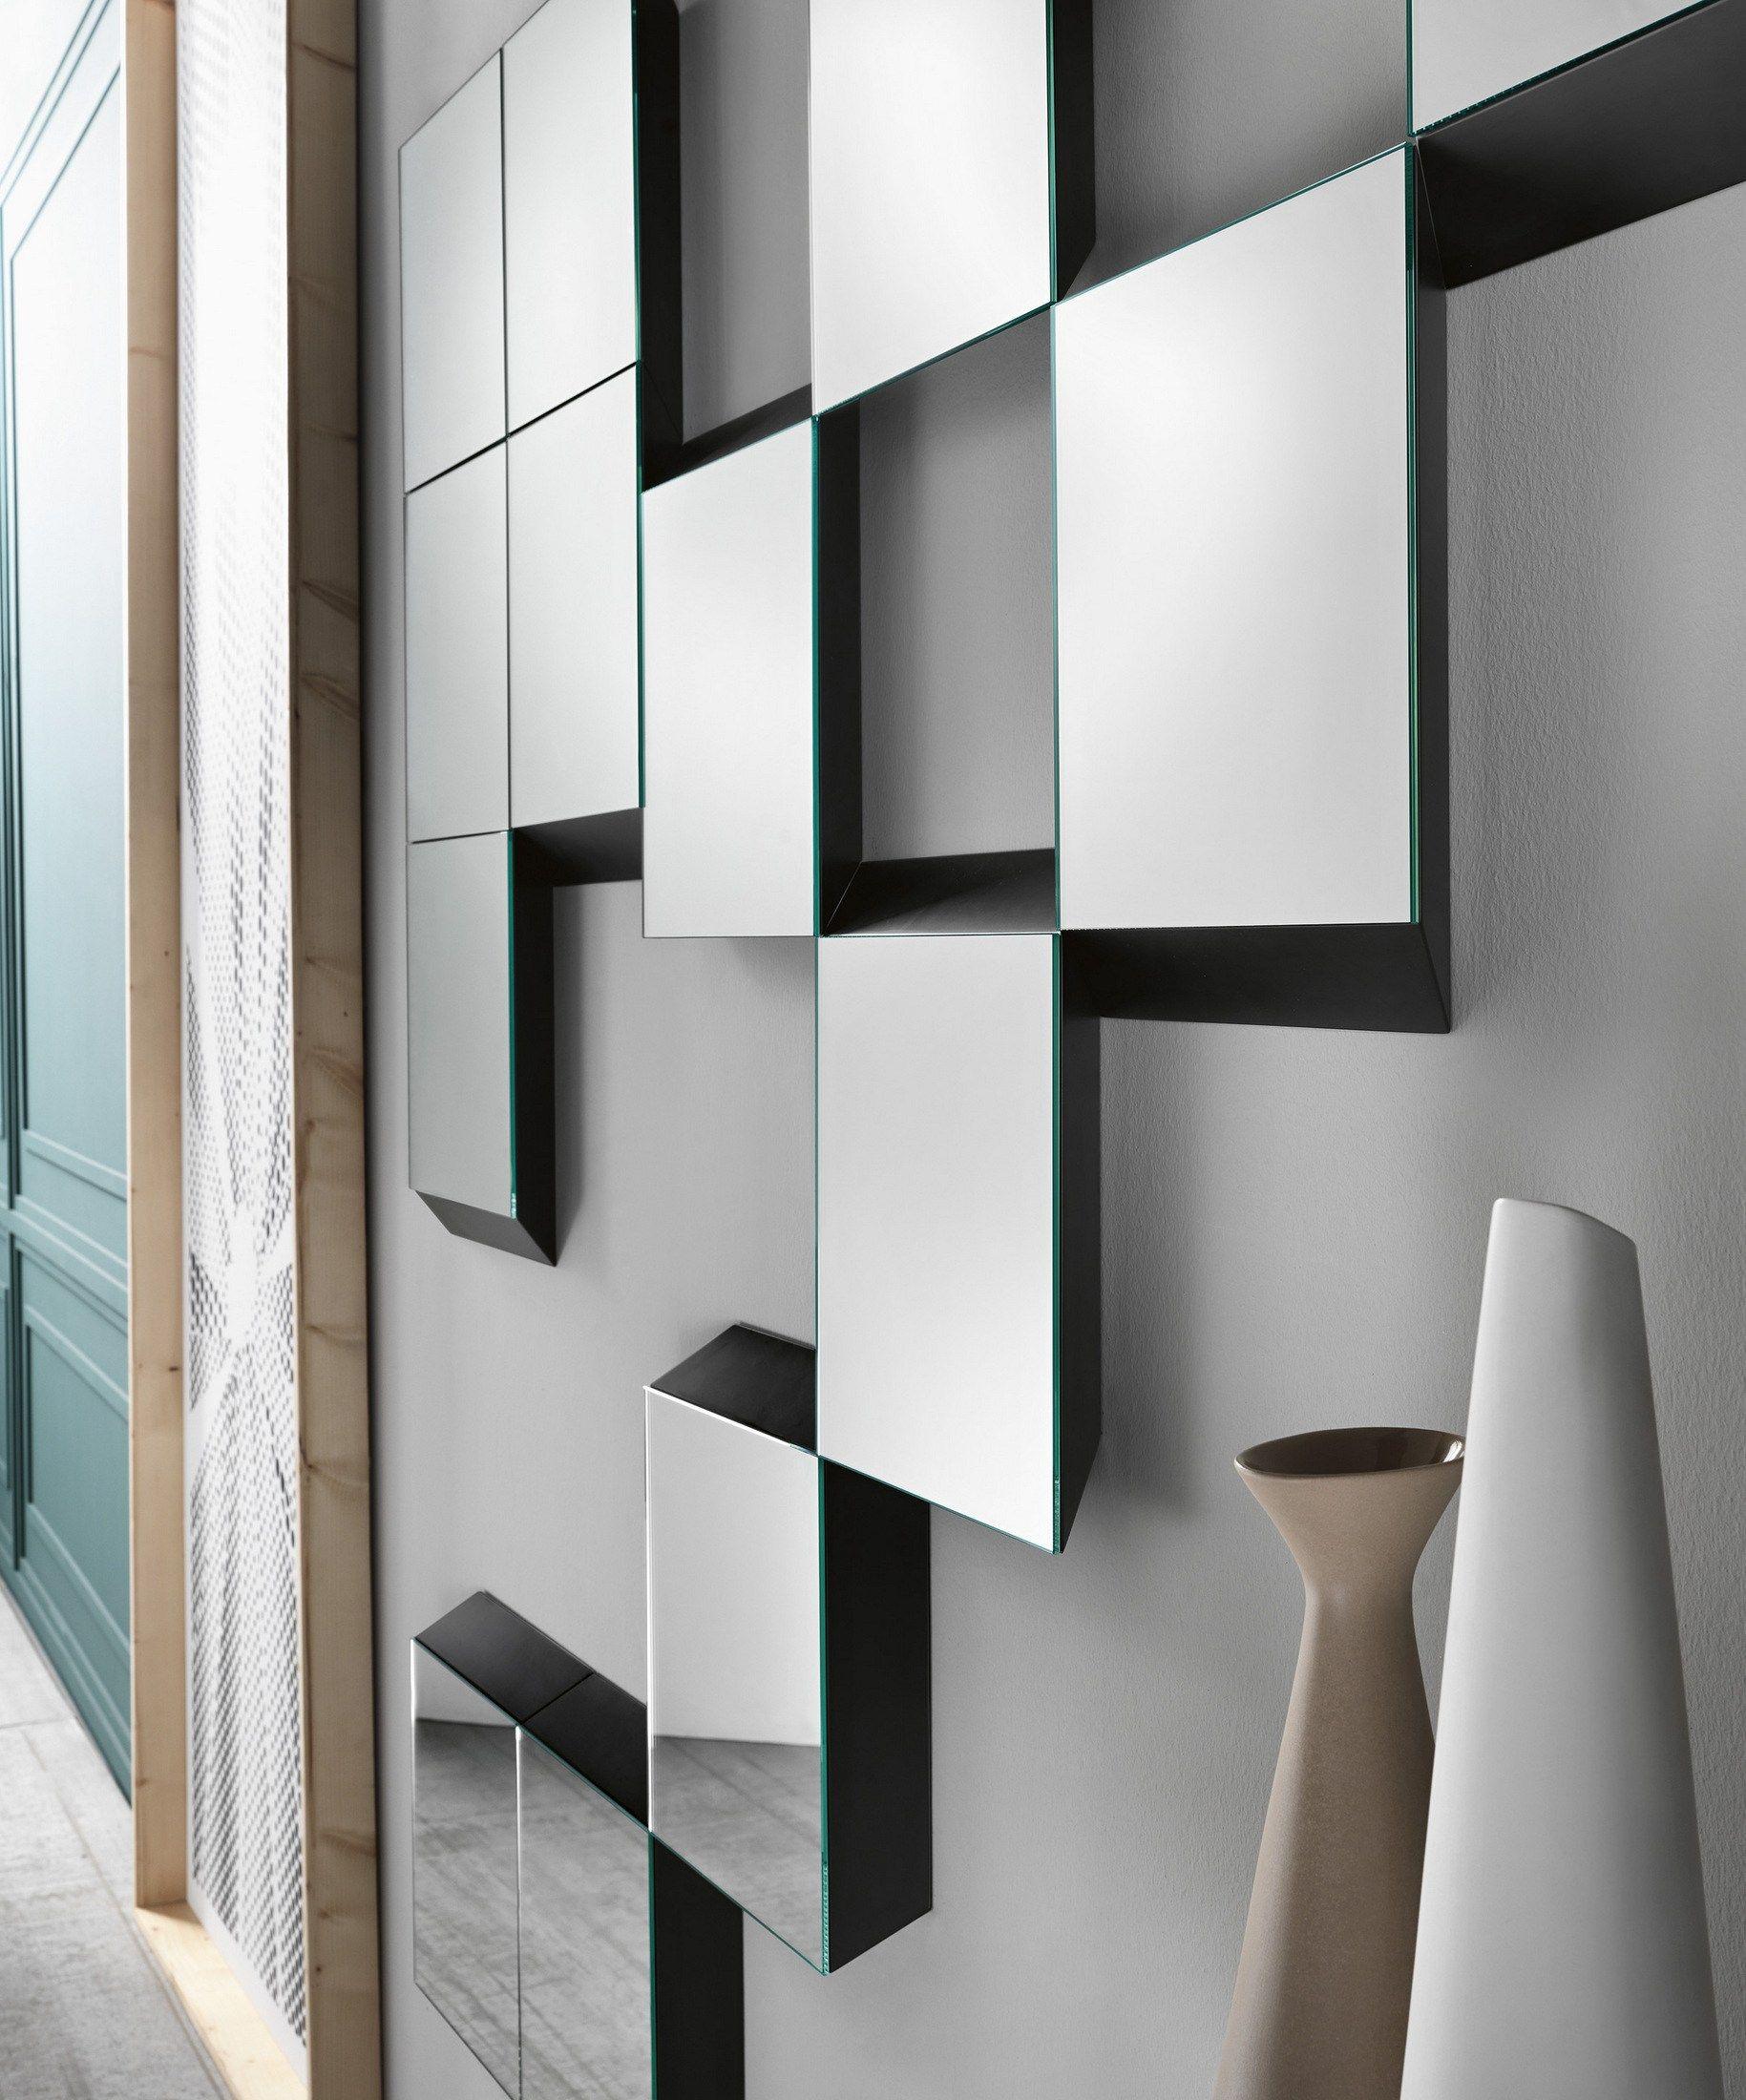 Specchio rettangolare a parete con cornice GUIDORICCIO by T.D. ...